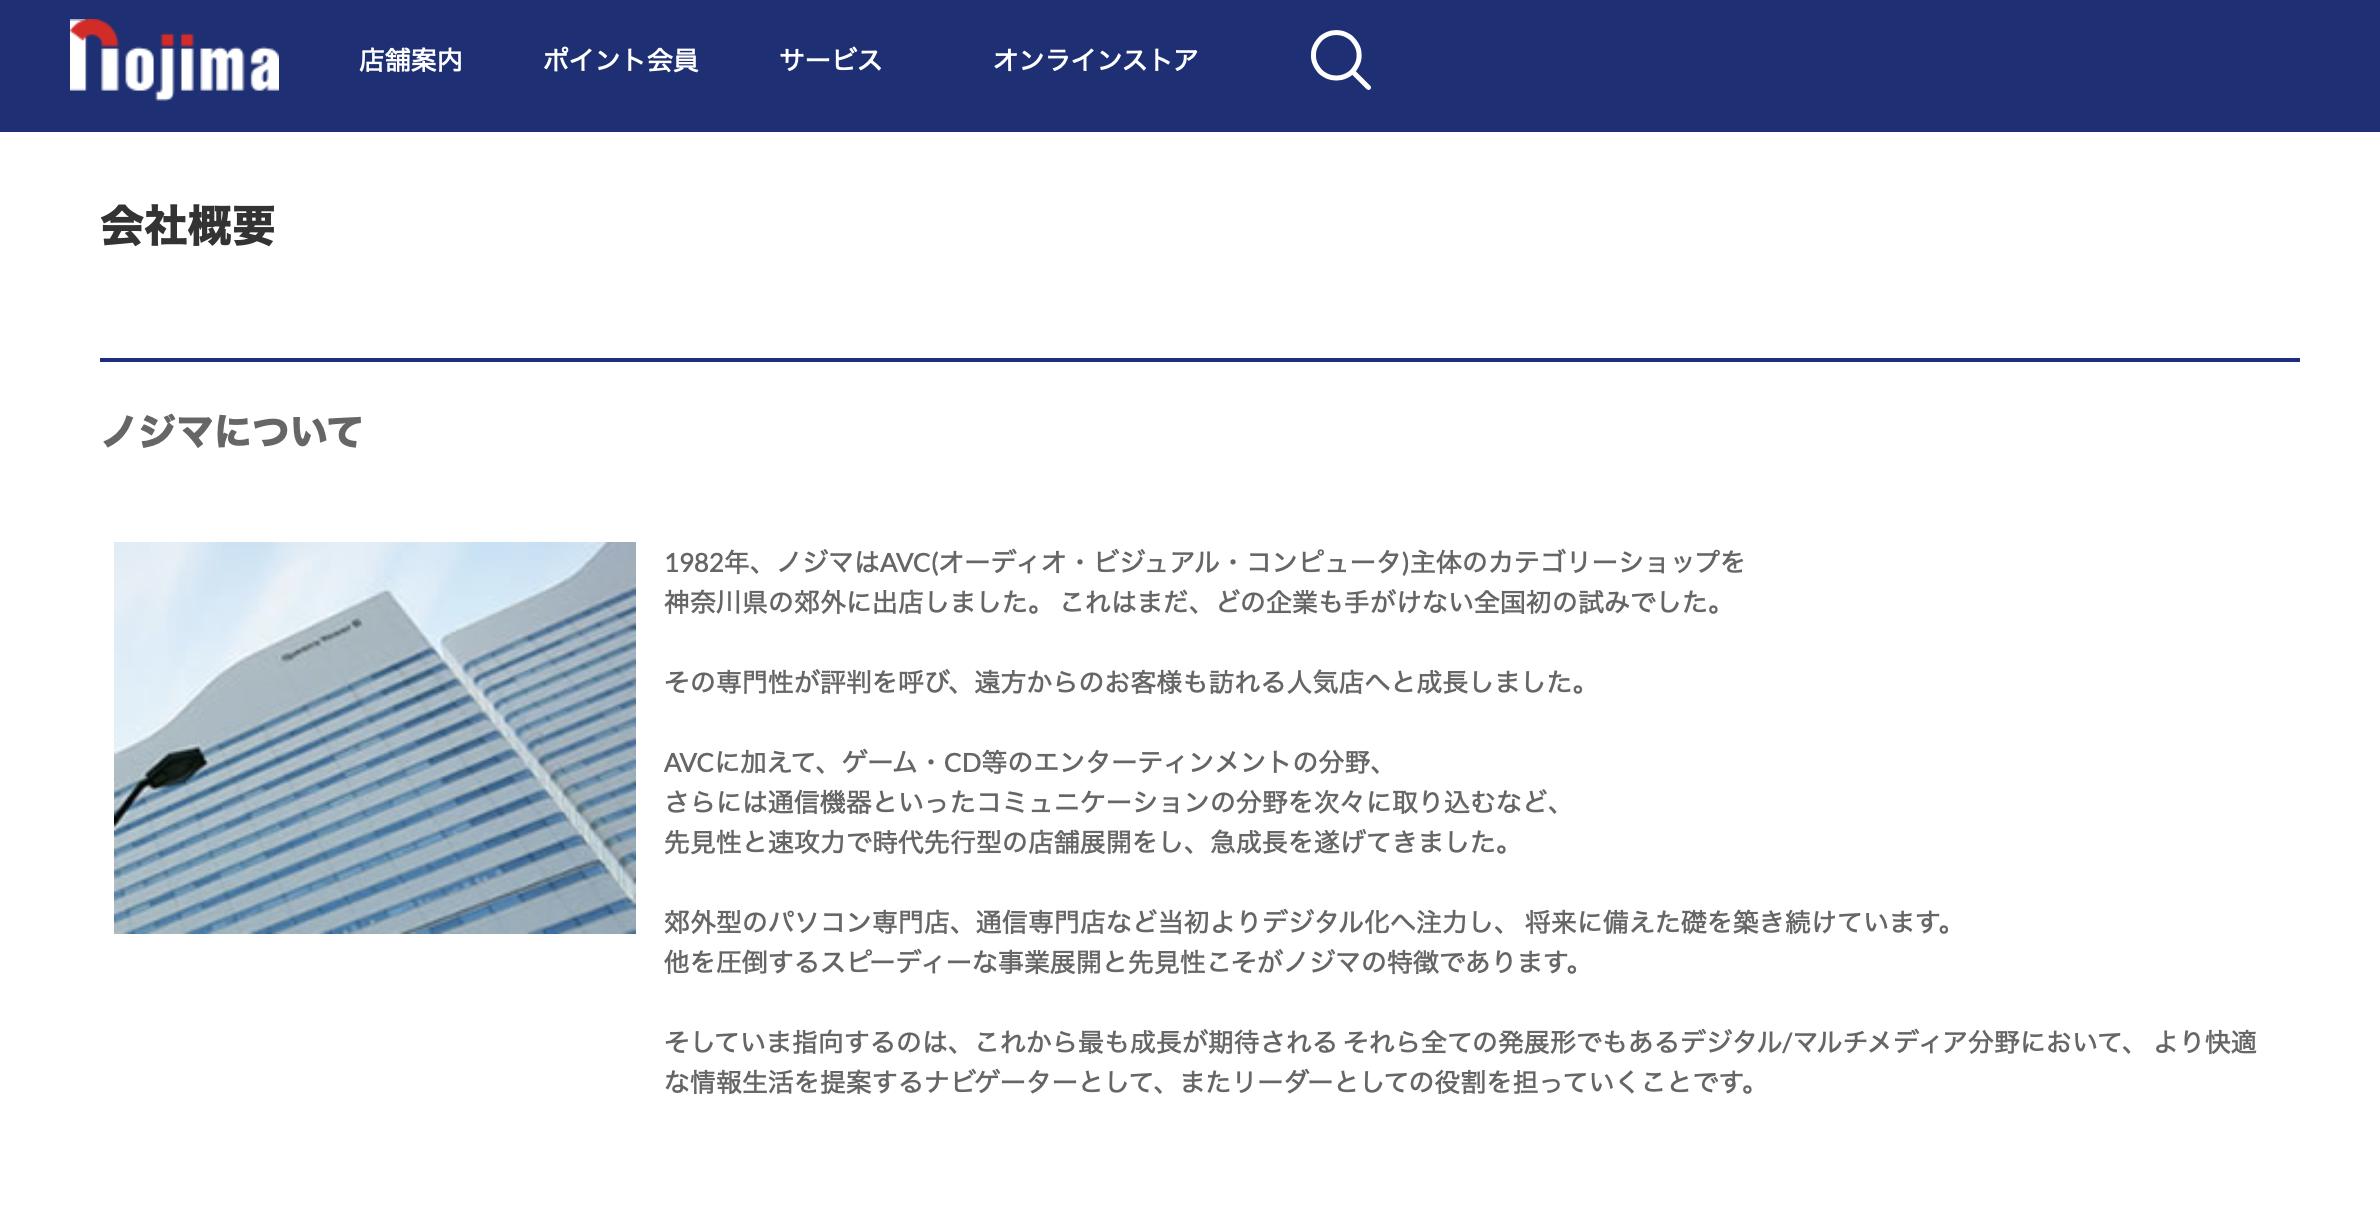 株式会社ノジマ